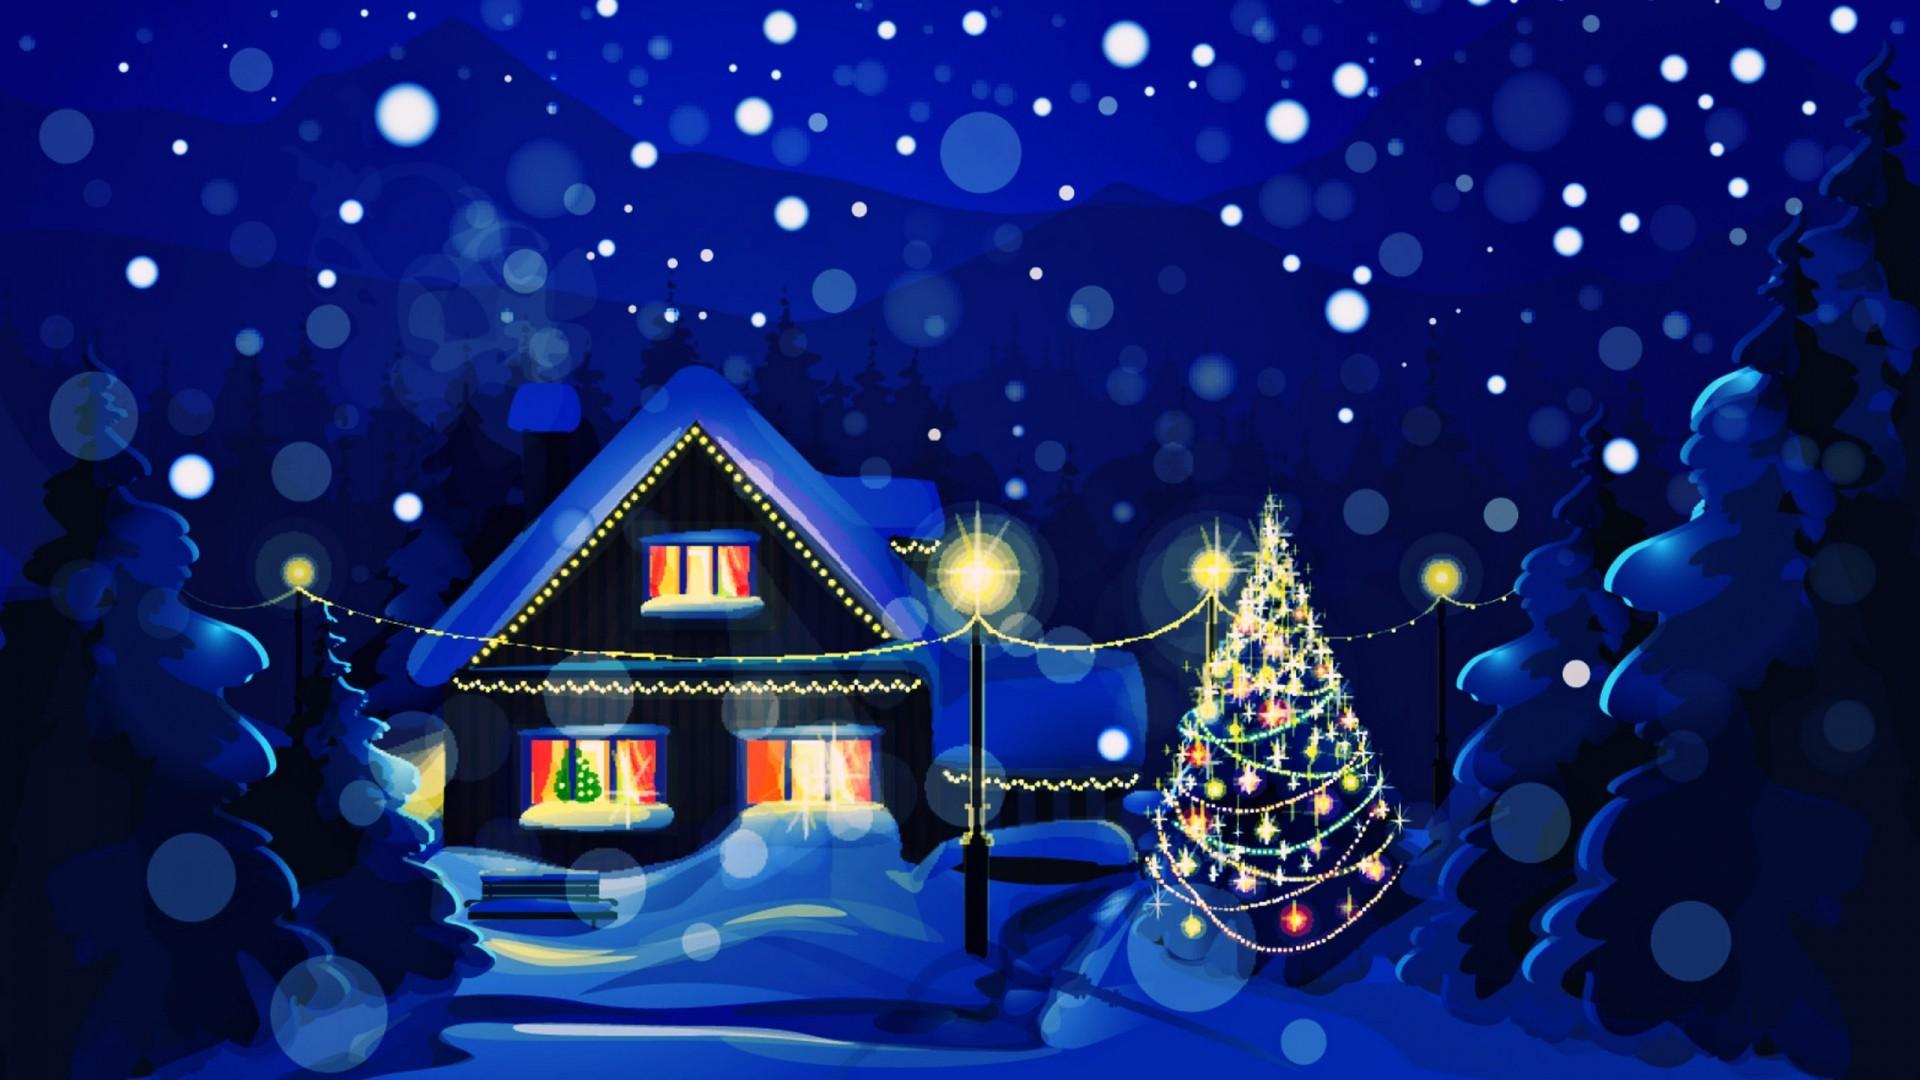 christmas - Hd Christmas Wallpapers